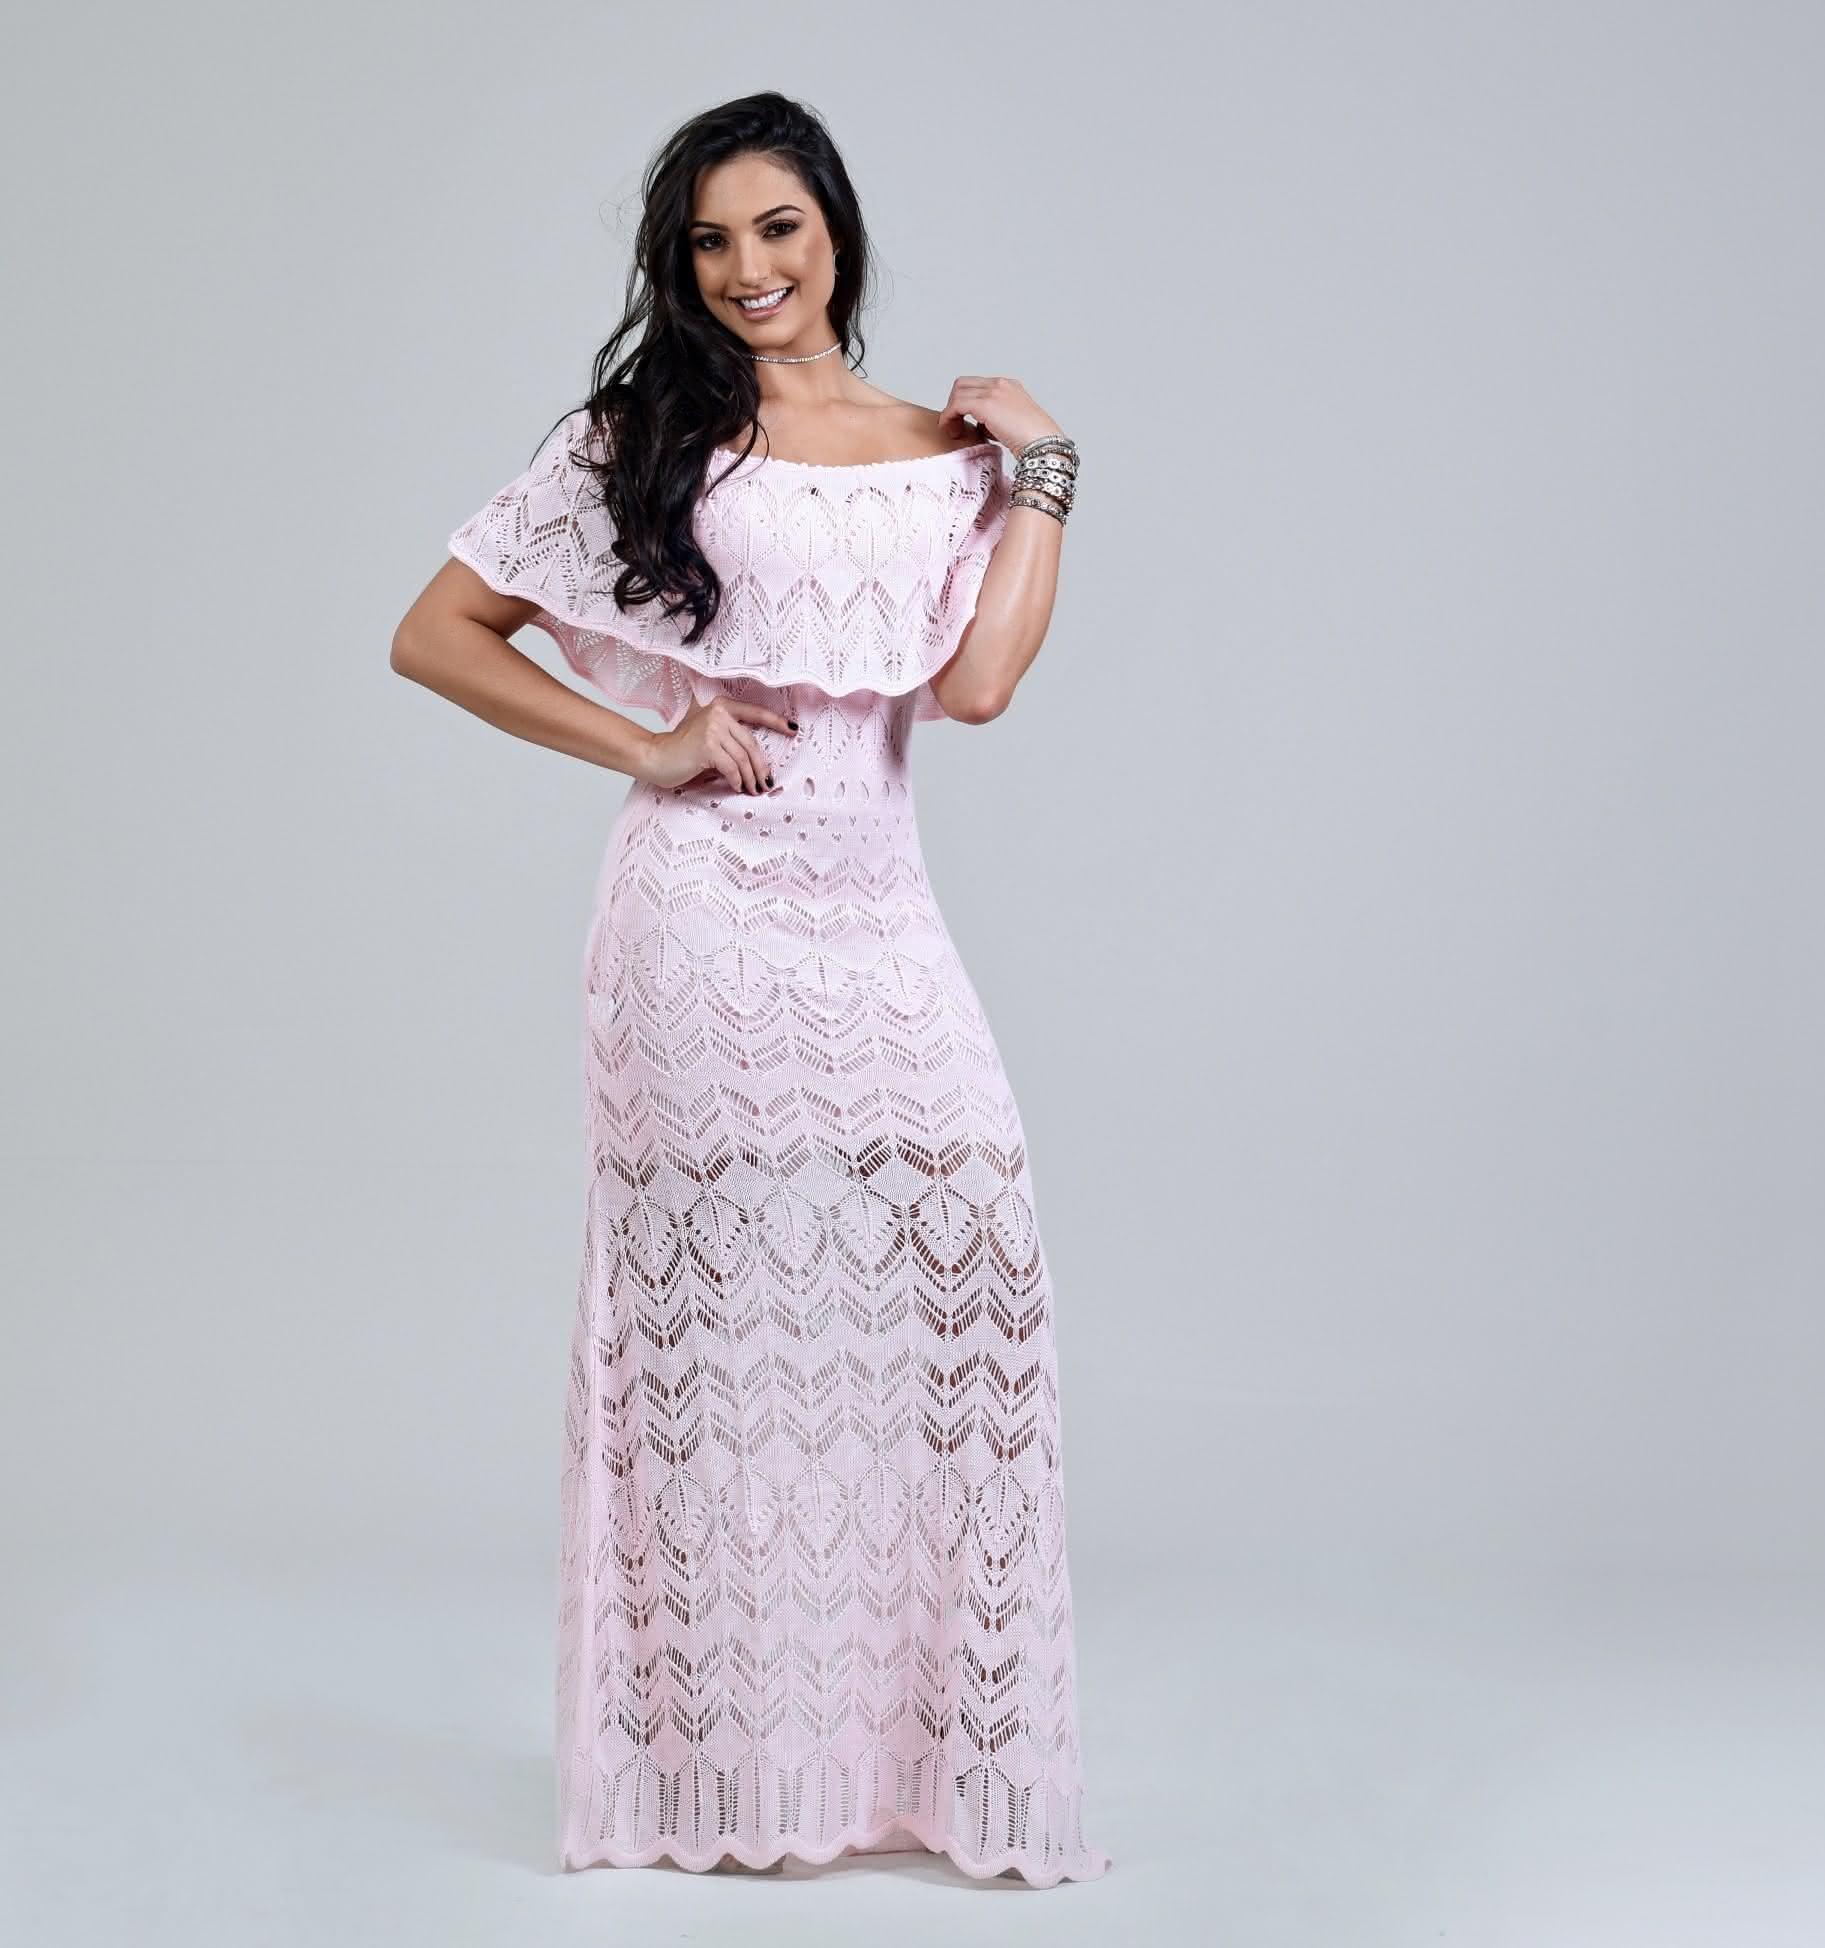 cb21c8e7e ... 1dbf42ab83f8dc8f37e1a715d6dd3bb1 ugvz9x2ybghdfrmewx46 Atualizados  recentemente74 0_146fe8_1241eee3_orig vestido-rosa-claro-longo-de-trico-ma_-clothes-  ...